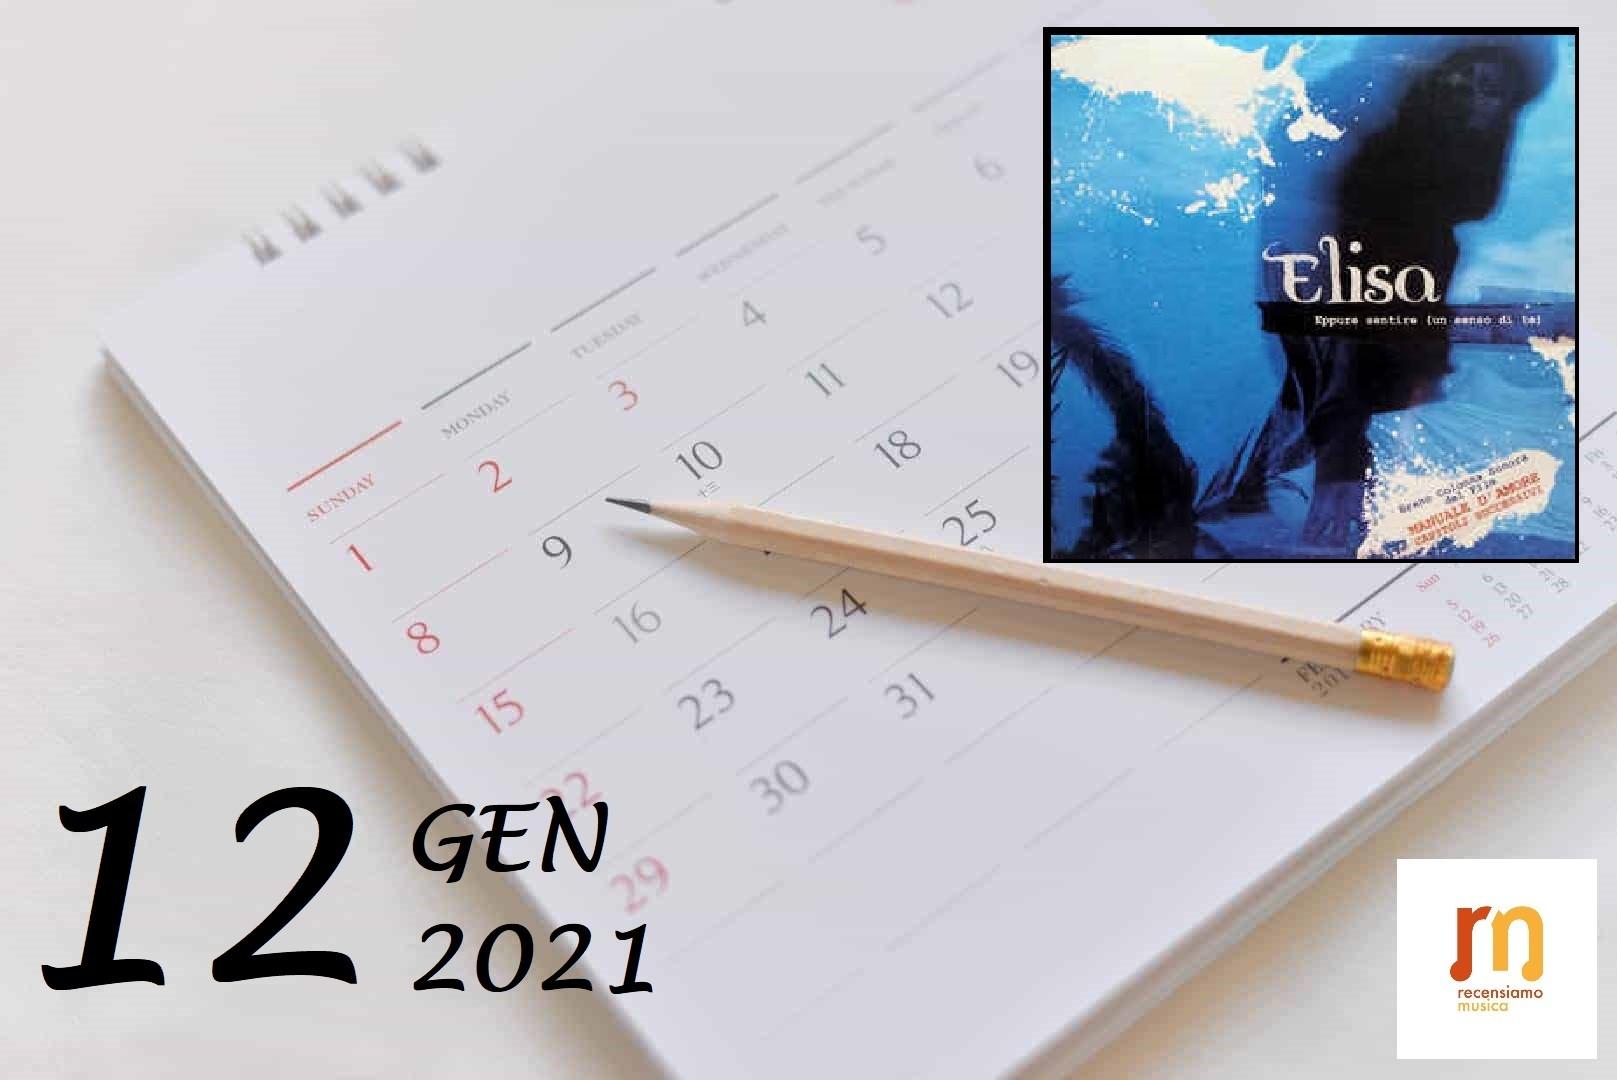 12 gennaio - Eppure sentire (un senso di te)